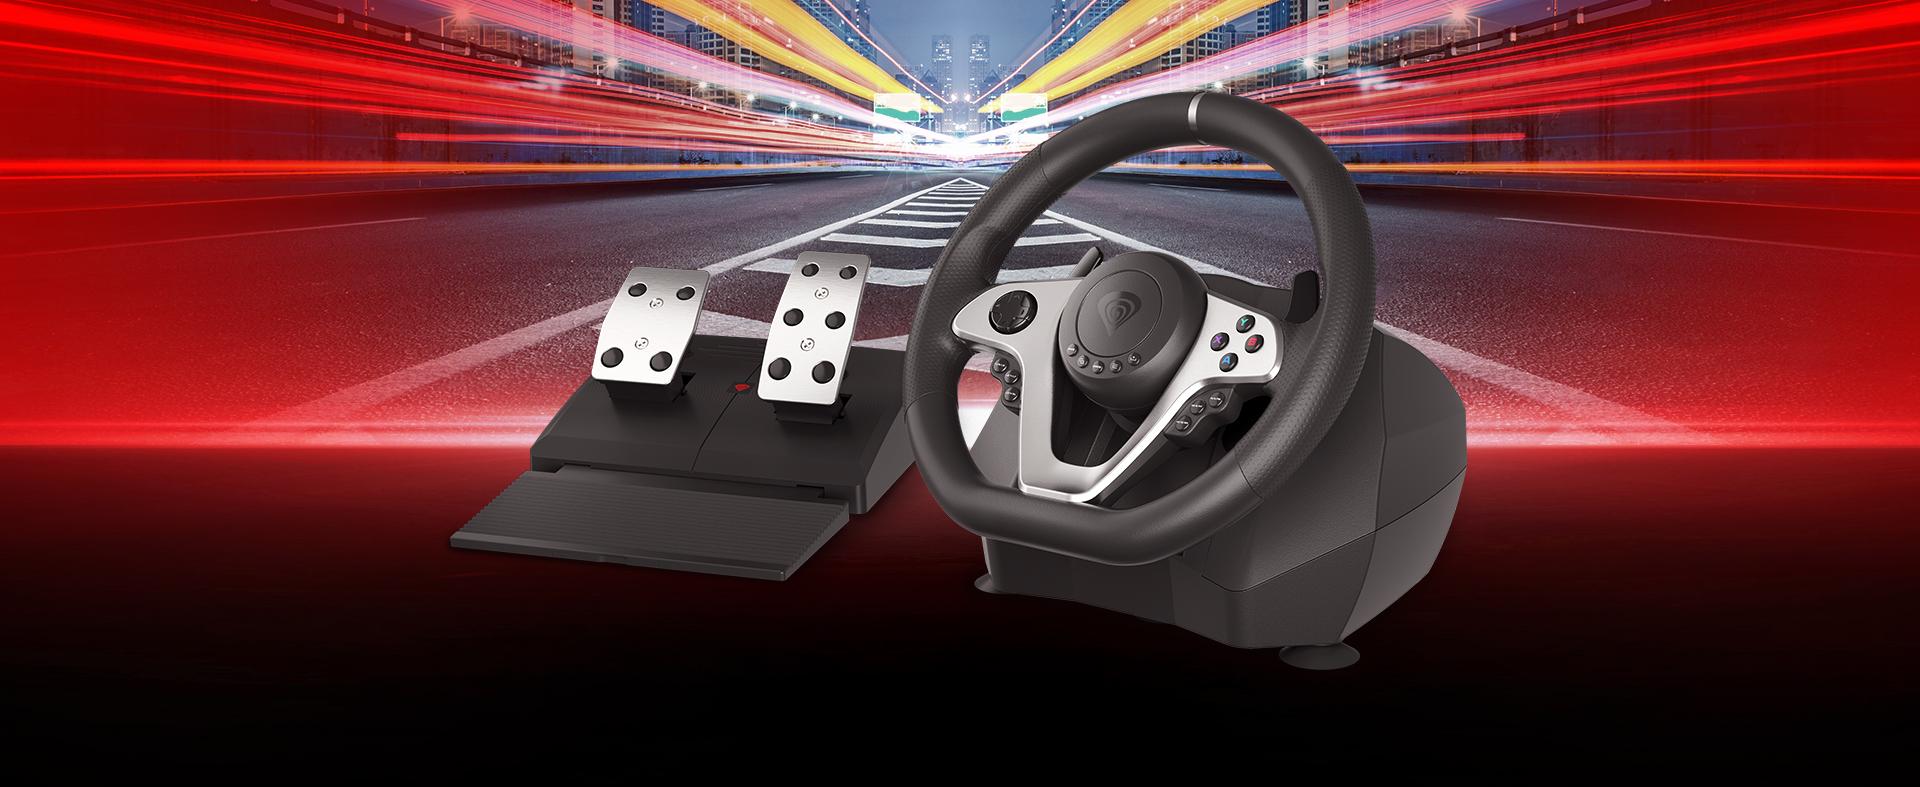 pc / konsol 3 için sürüş tekerleği genesis seaborg 400